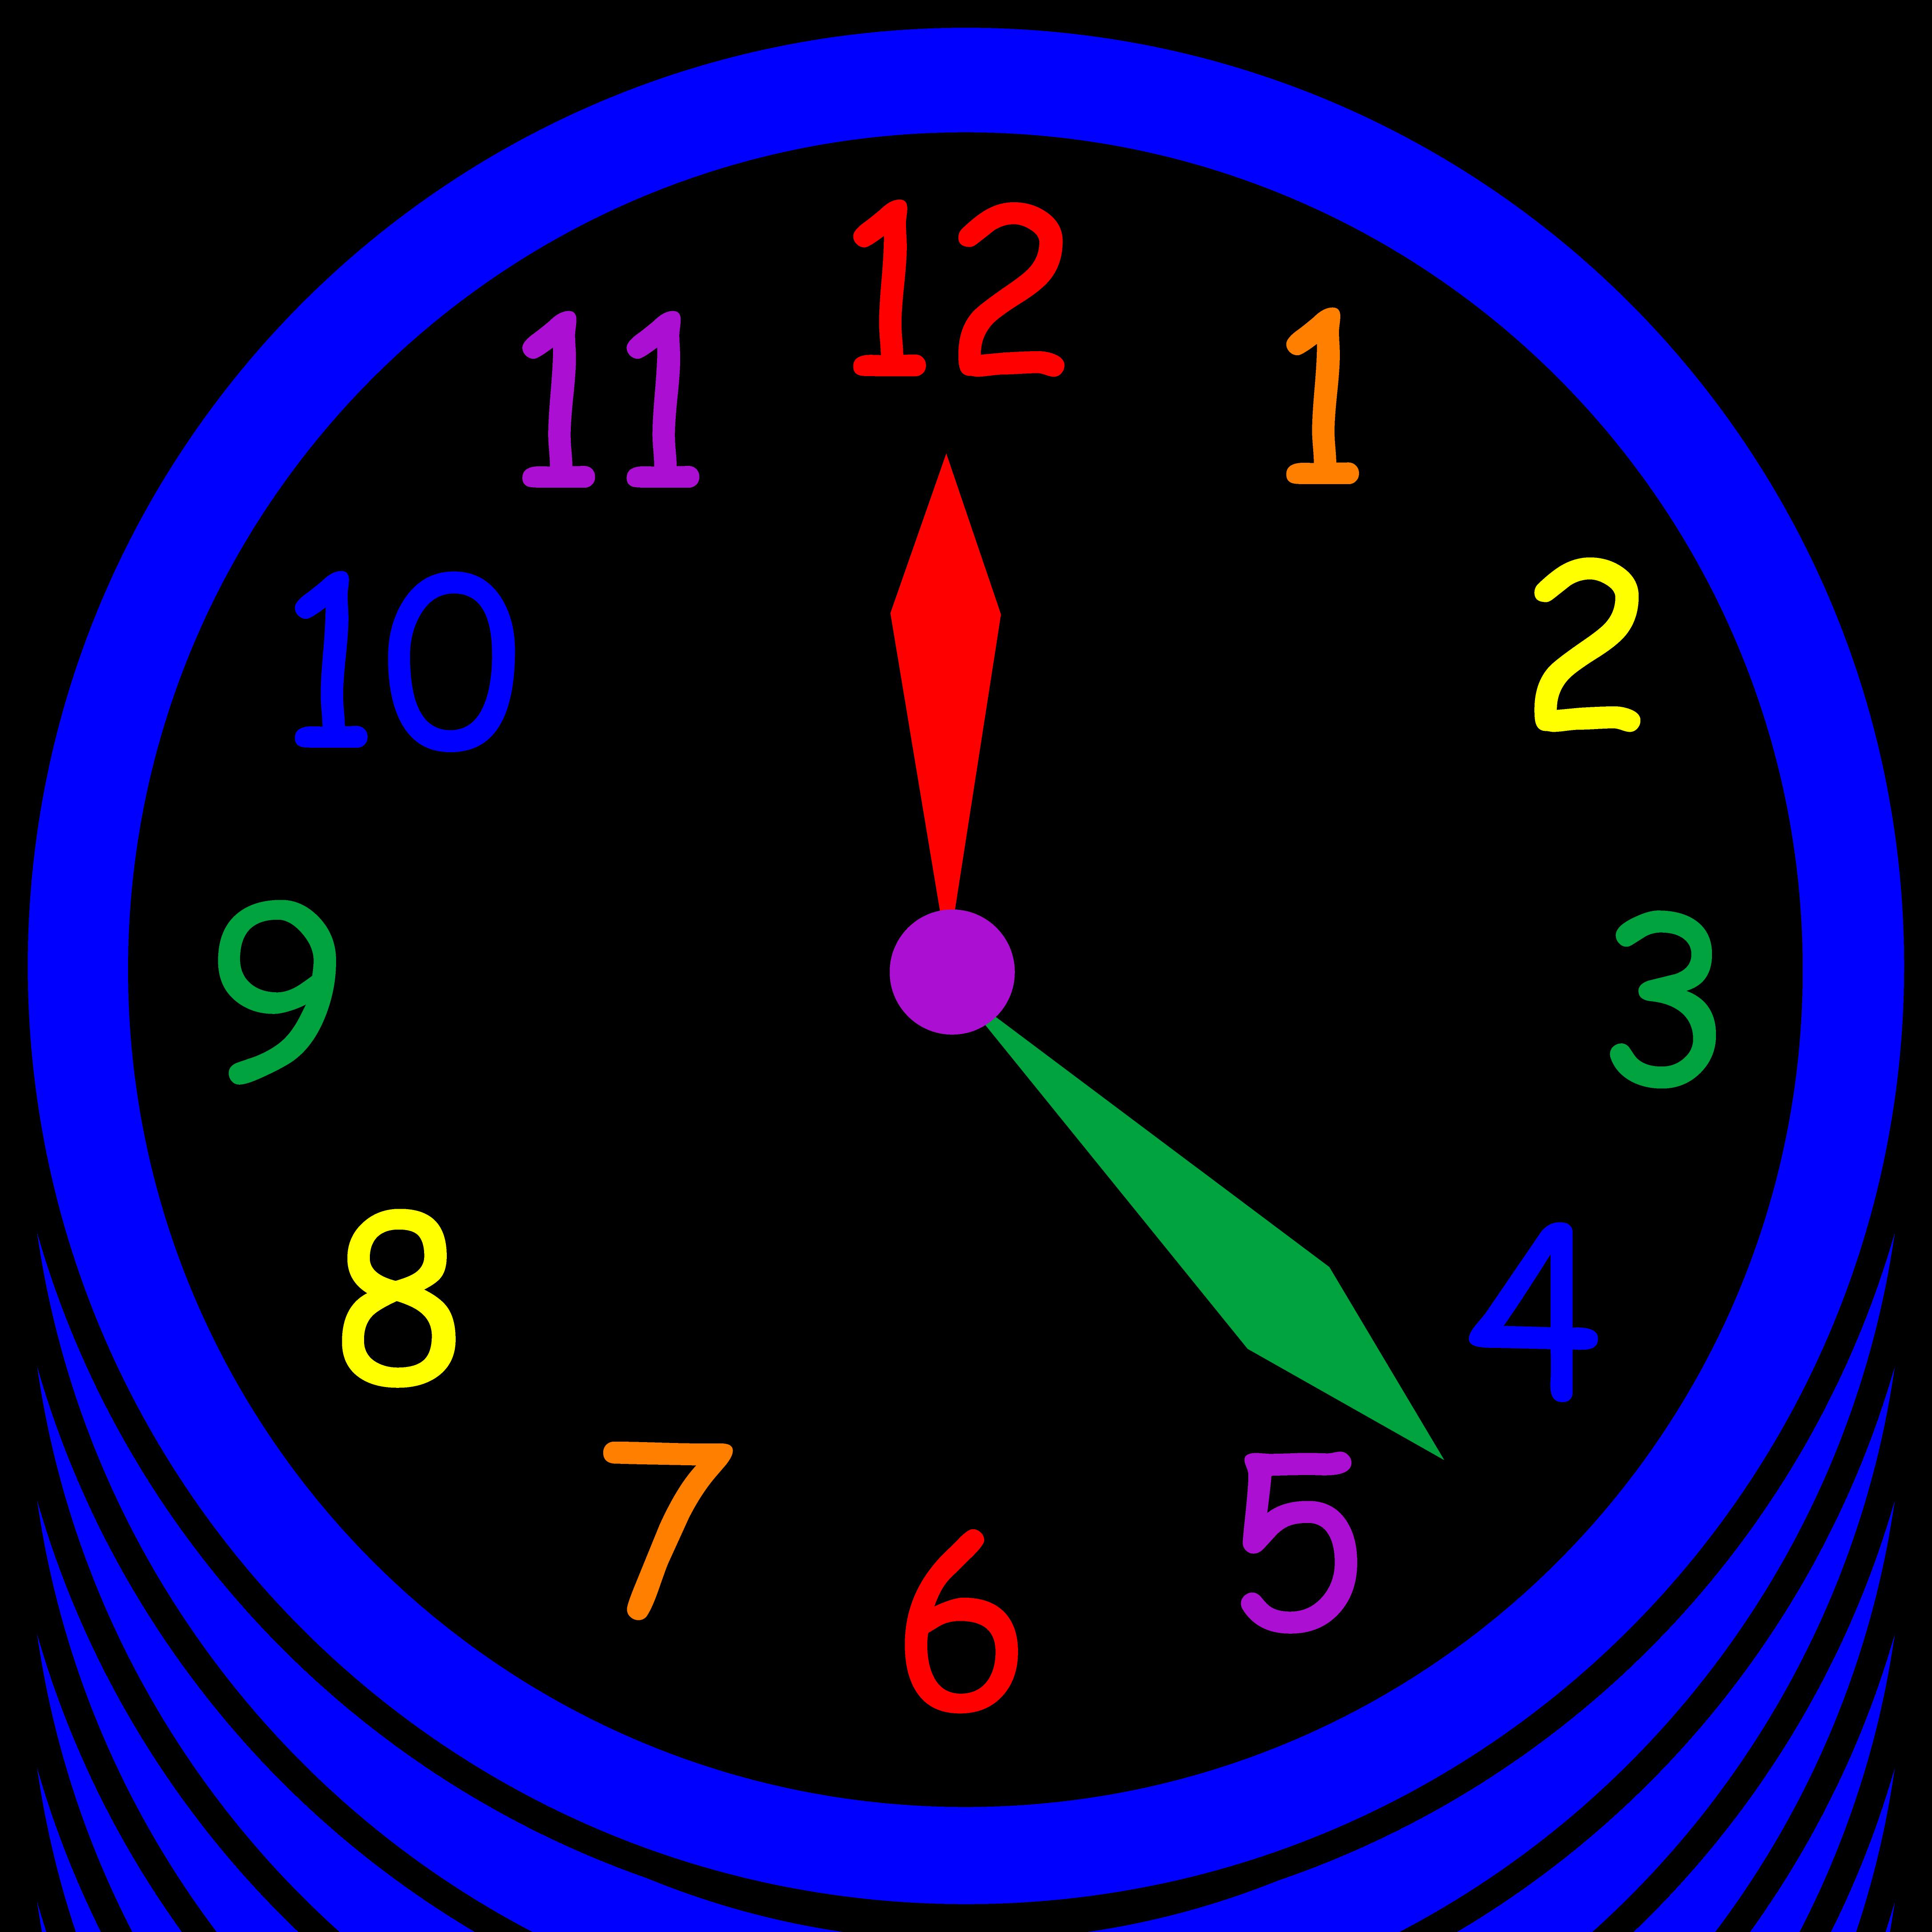 4346x4346 Wall Clock